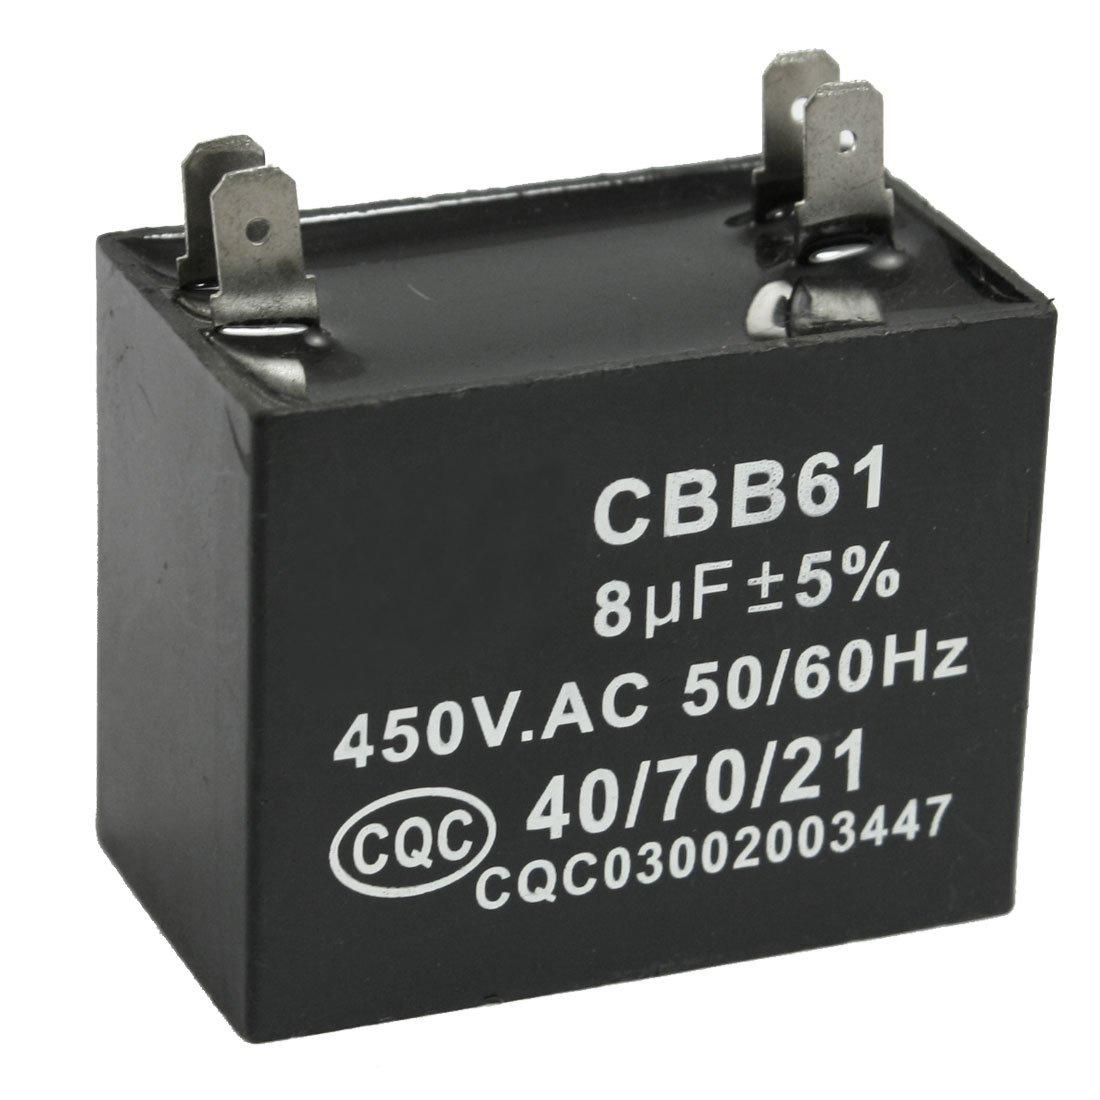 Cbb61 8uf 450v Ac 50 60hz Air Conditioner Fan Motor